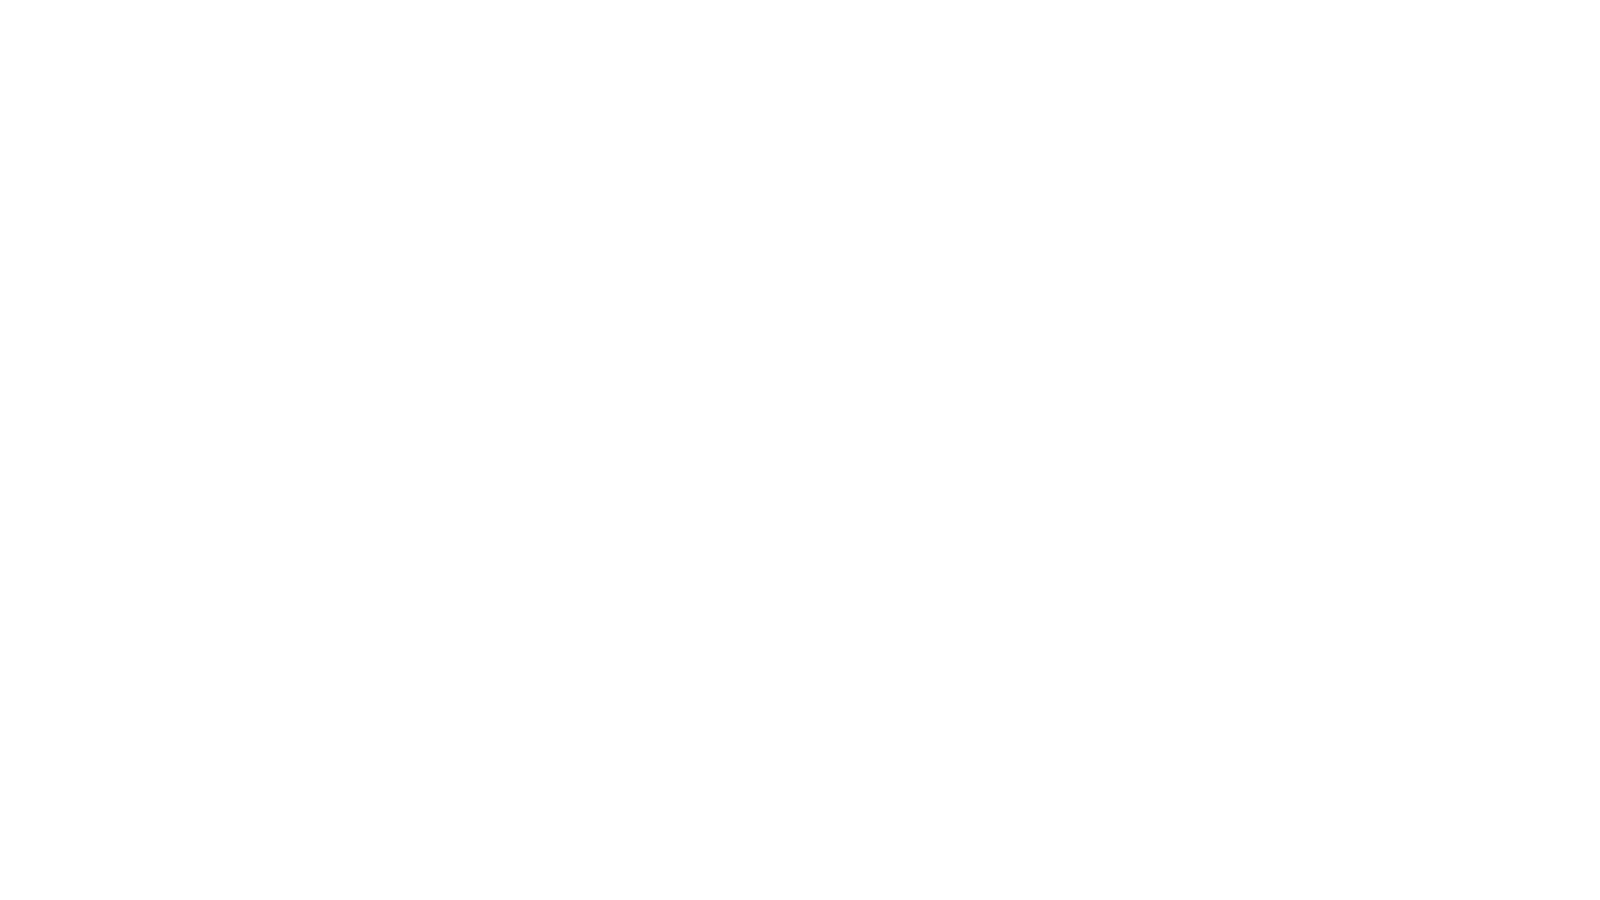 台風の影響もなく、無事に3日間開催されました! ちょこっとお邪魔してきました~  #姫路市 #イベント #ロハスパーク  ---------------------------------------------------------  いいものタウン | 兵庫県神崎郡エリアをゆるーっと発信 https://iimono.town/  FACEBOOK https://www.facebook.com/iimonotown/  TWITTER https://twitter.com/iimonotown  Instagram https://www.instagram.com/iimonotown/